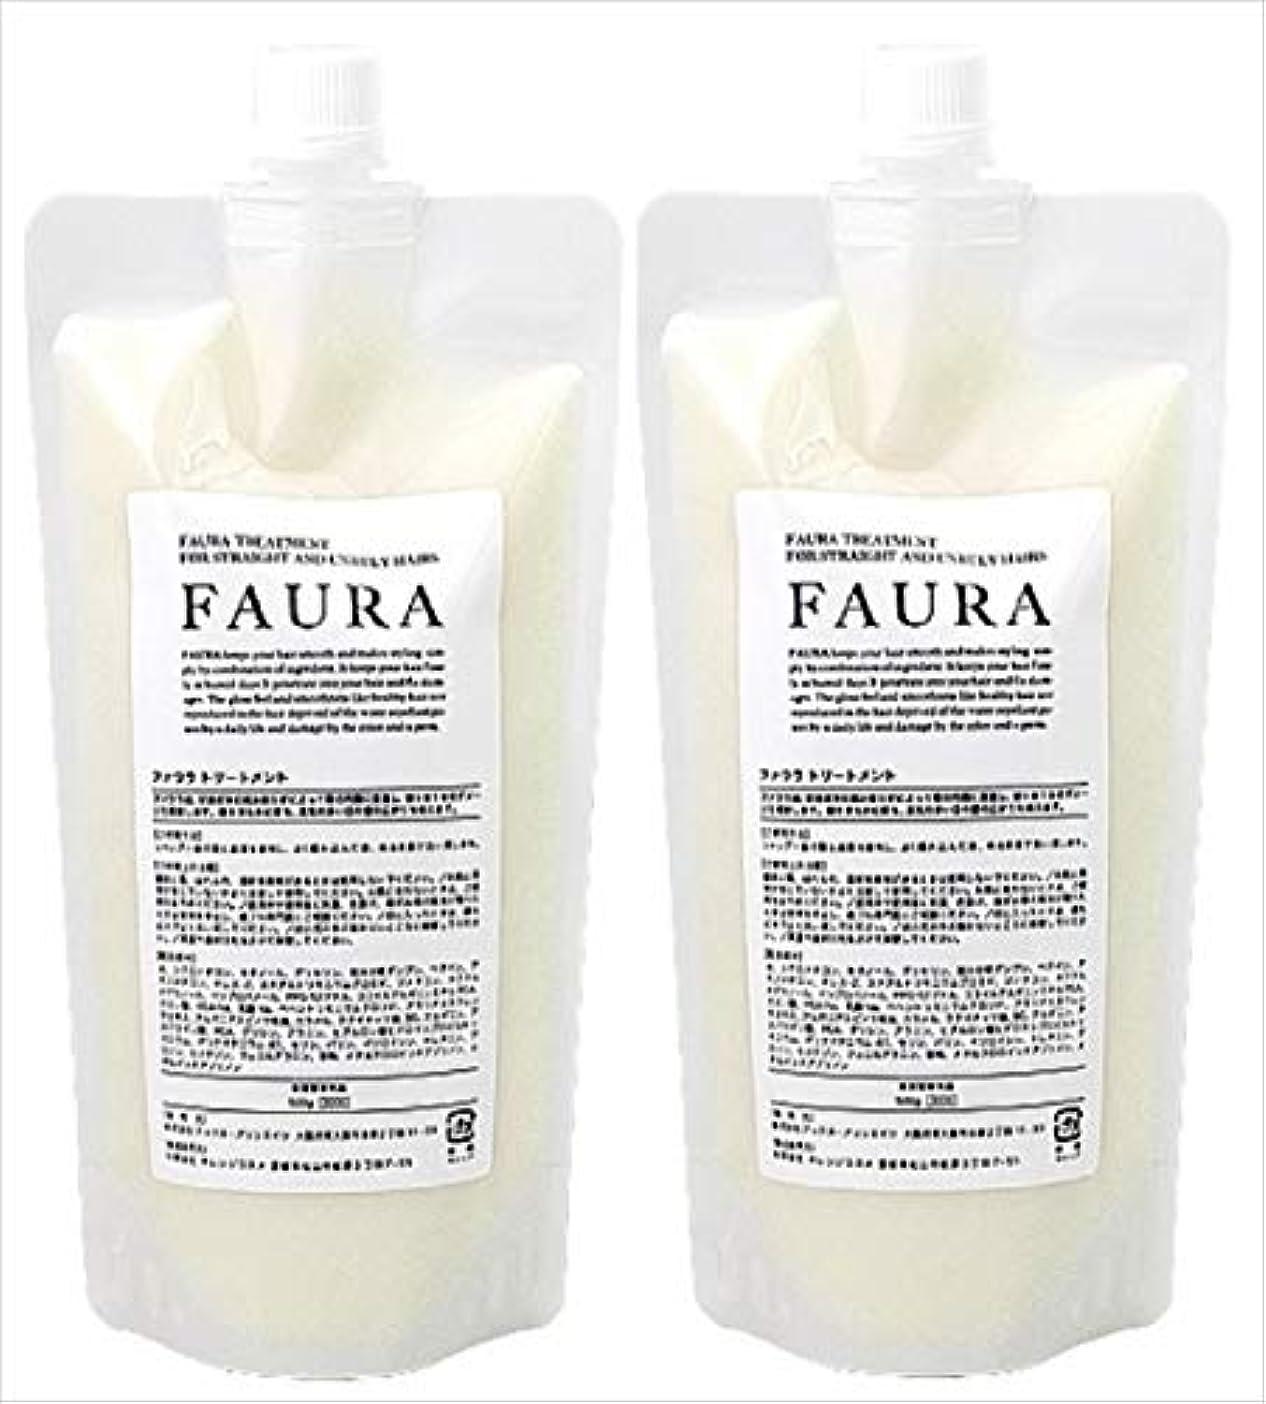 マニュアルコンパス束【送料無料】FAURA ファウラ ヘアトリートメント (傷んだ髪に) 詰替500g2つのセット 【サロン専売品】